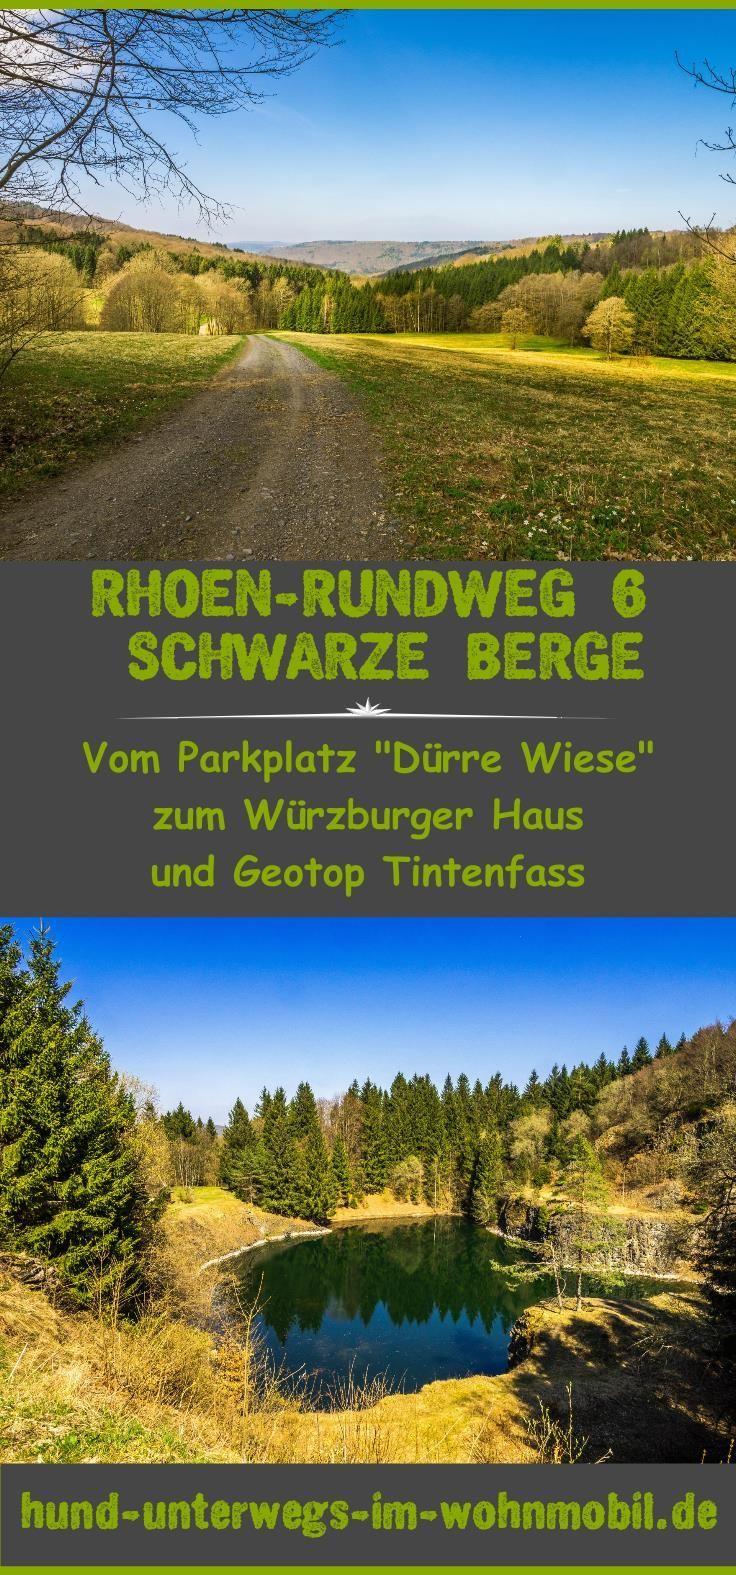 Rhön-Rundweg 6 Schwarze Berge. Aussichtsreiche Wanderung in toller Landschaft in der Rhön.